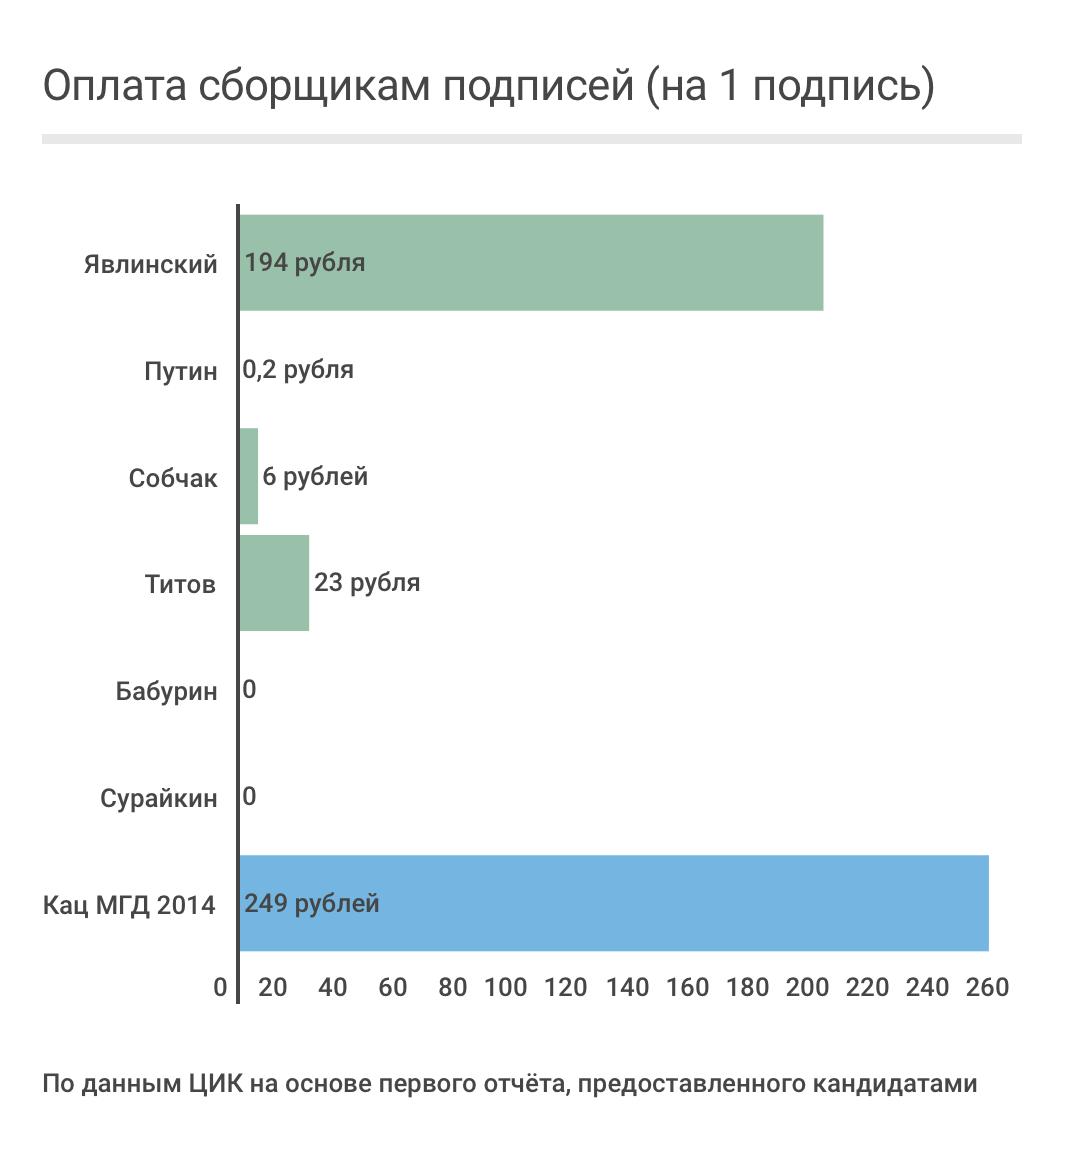 Путин, Собчак и Титов должны быть сняты с выборов